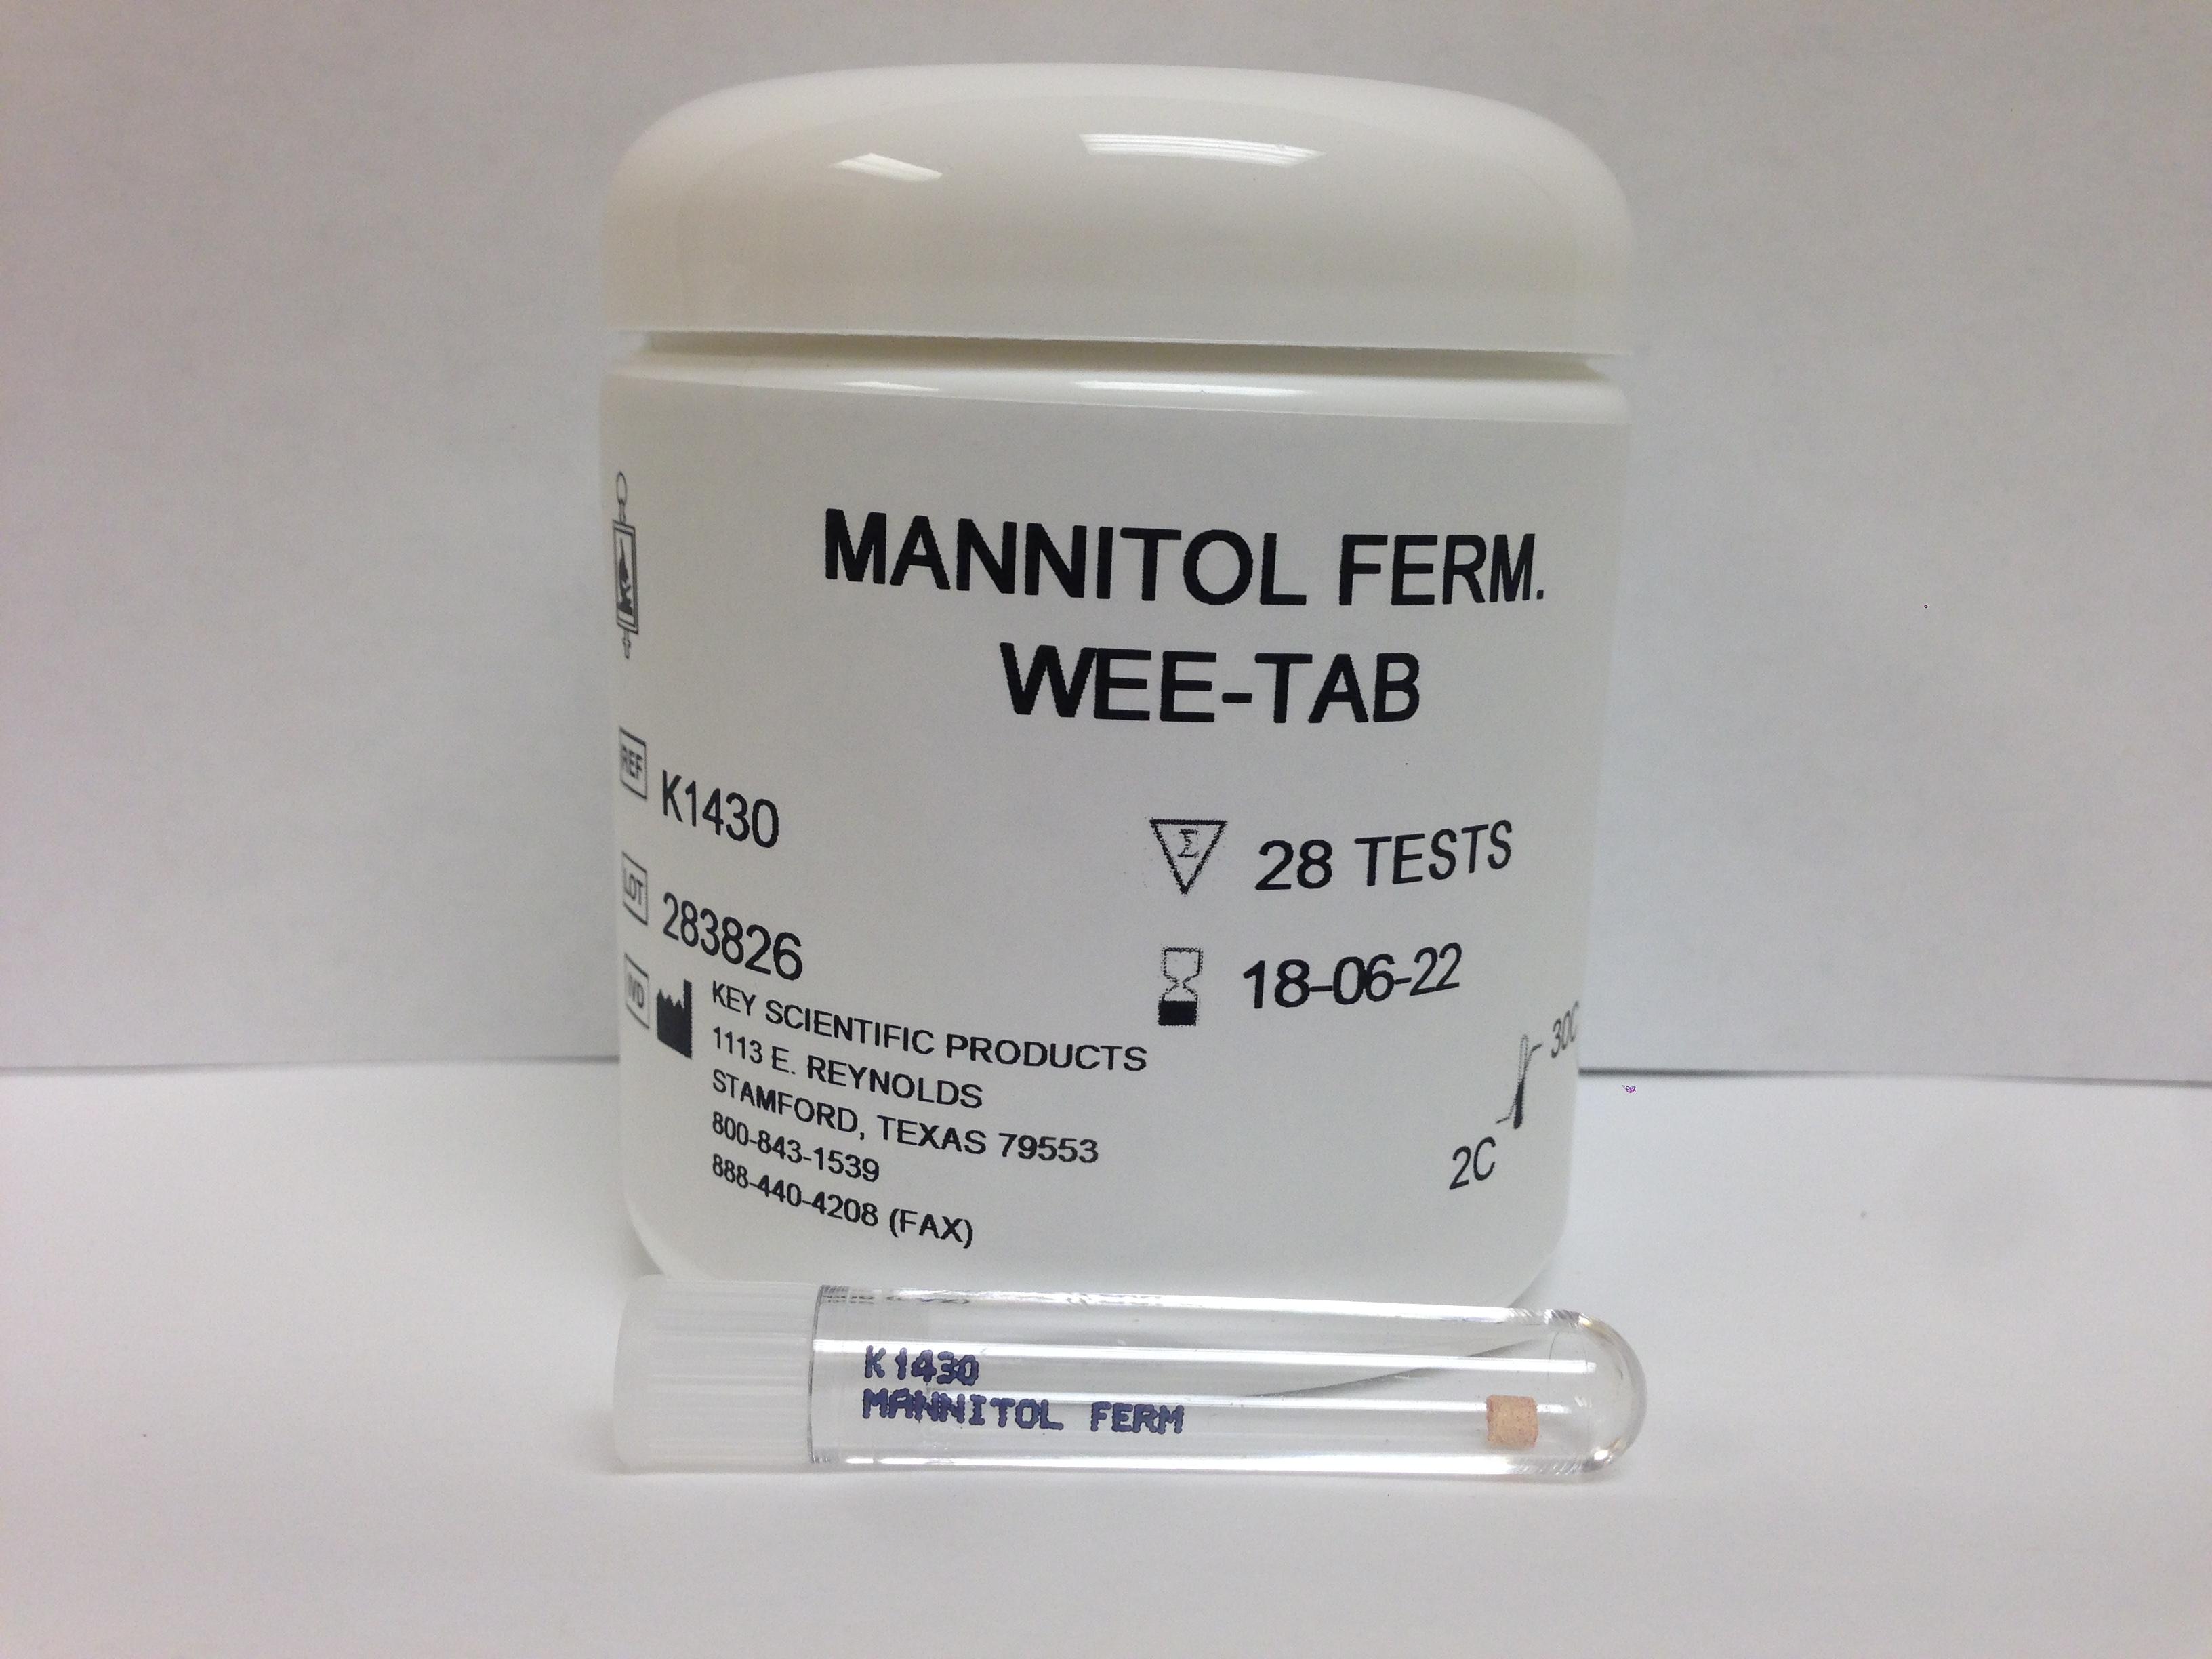 WEE-TAB MANNITOL FERMENTATION